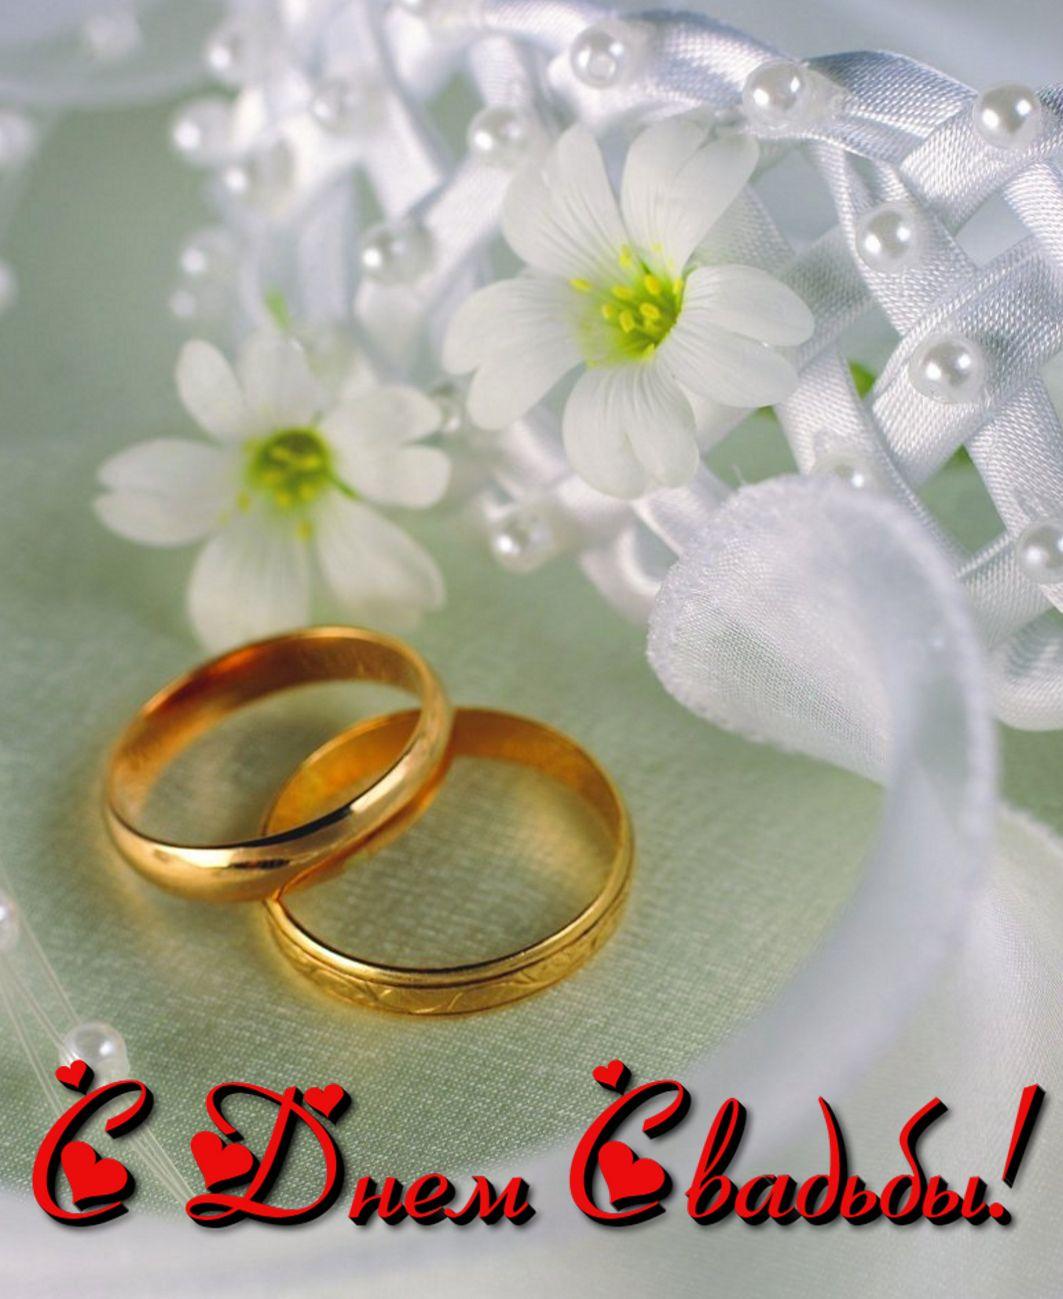 Фото с бракосочетанием прикольные